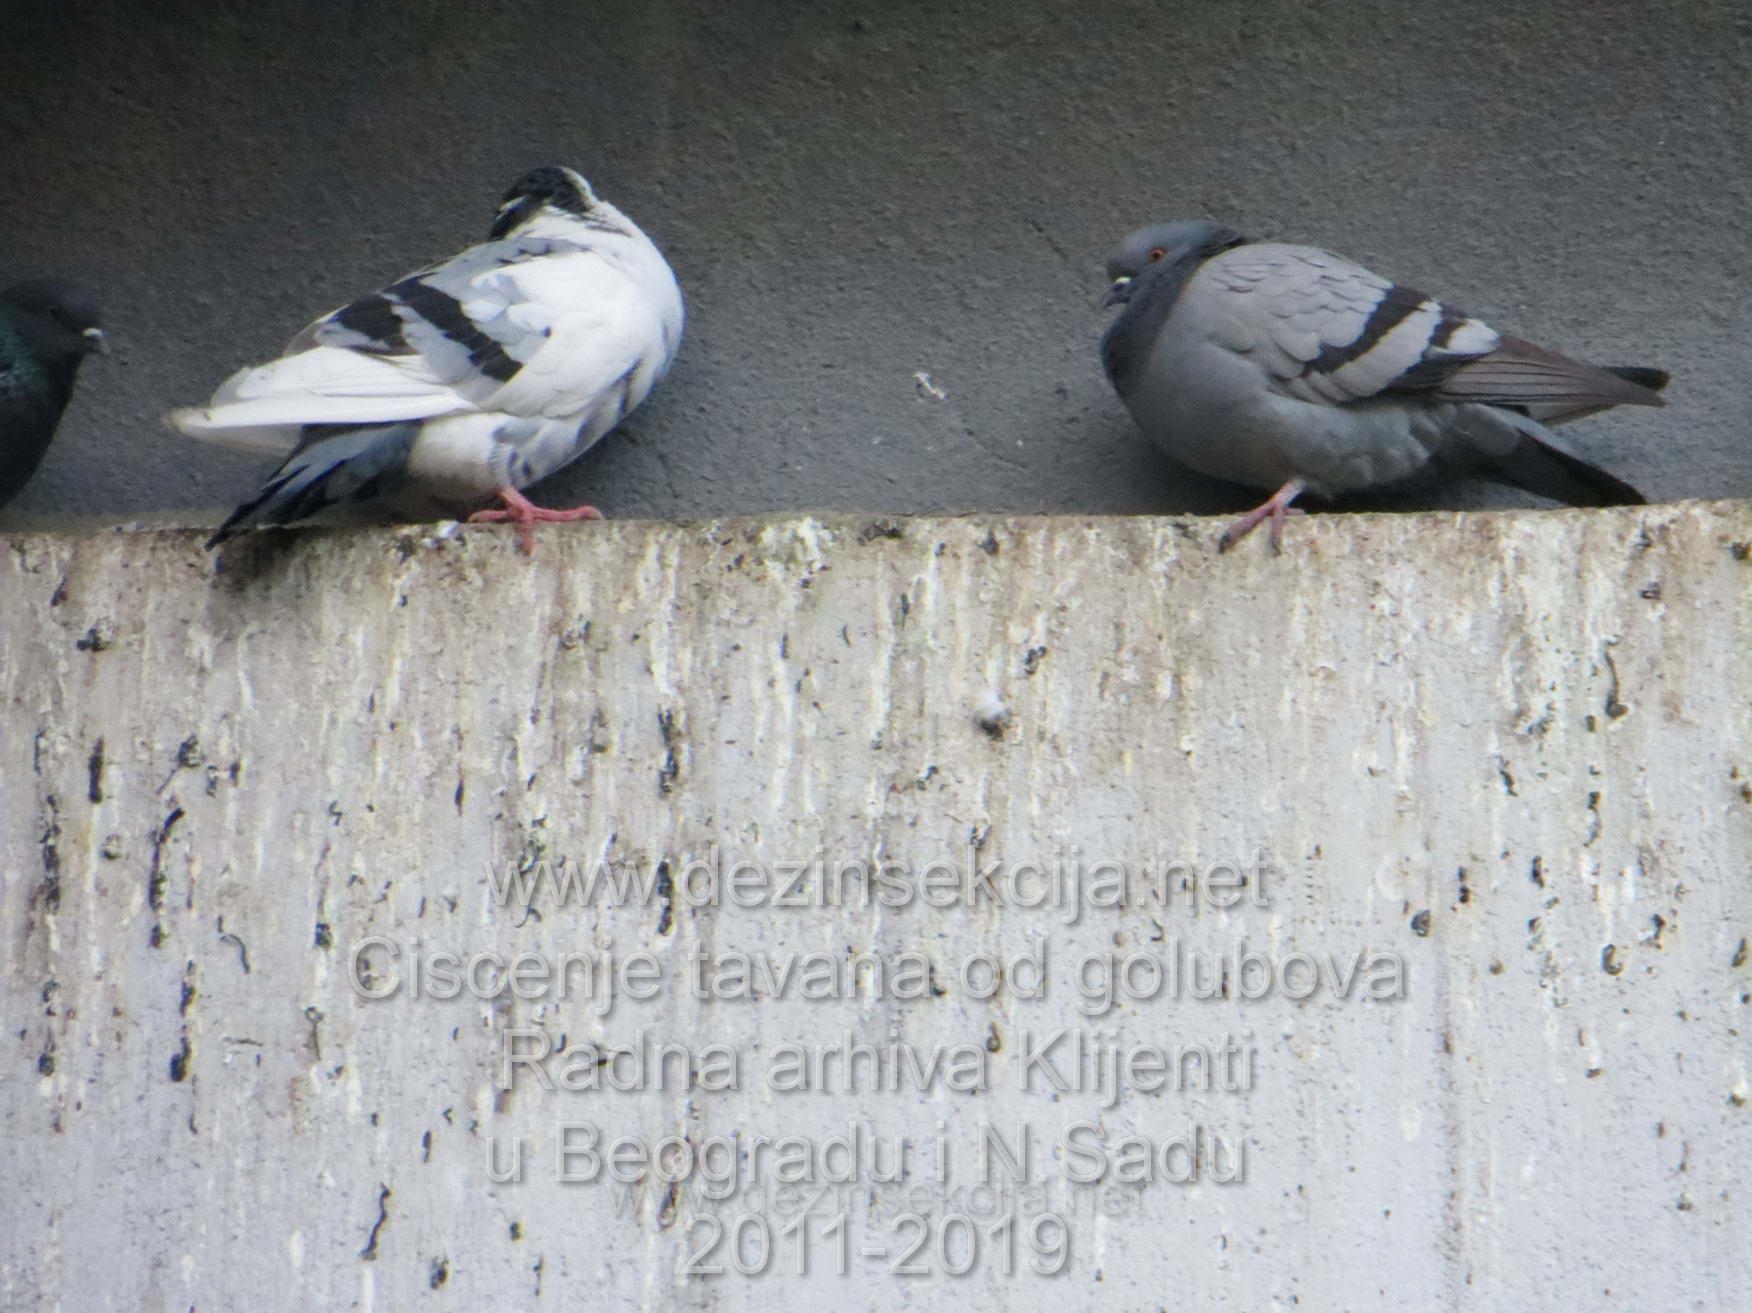 Ciscenje tavana od golubova i izmeta golubova autenticne fotografije nasih radnih timova i sertifikovanih podizvodjaca na vise lokacija u Beogradu i Novom Sadu od 2011-2019 godine.Svako specijalisticko ciscenje tavana ukljucuje ogroman broj ljudi na projektu cega Klijenti u Srbiji nisu svesni i ne zele da budu svesni.Autenticne fotografije iz nase radne prakse prezentuju dovoljan nivo ozbiljnosti i vizuelno dokaza zasto je ciscenje tavana od golubova jedna vrsta usko specificnih usluga koja se mora poveriti sluzbi sa iskustvom i referencama ne amaterima koji Vam dodju uzmu para i vise ih nikada ne vidite u zivotu a golubovi Vam i dalje slecu i dalje Vam smrdi i jurite se sa bubasvabama i bubarusima i neretko pticjim buvama koje Vas ujedaju tokom noci slicno stenicama a parazitiraju na perju golubova.Golub je vrsta leteceg pacova i mora se shvatiti VRLO VRLO OZBILJNO i pretnja po zdravlje svih ukucana.Svi nasi tretmani se realizuju strog po Zakonu o Sanitarnom Nadzoru R.Srbije clan.1-clan.41 uz postovanje svih pravila rada i zastite i primena Zakona o zivotinjama i pticama u naseljenim podrucjima.